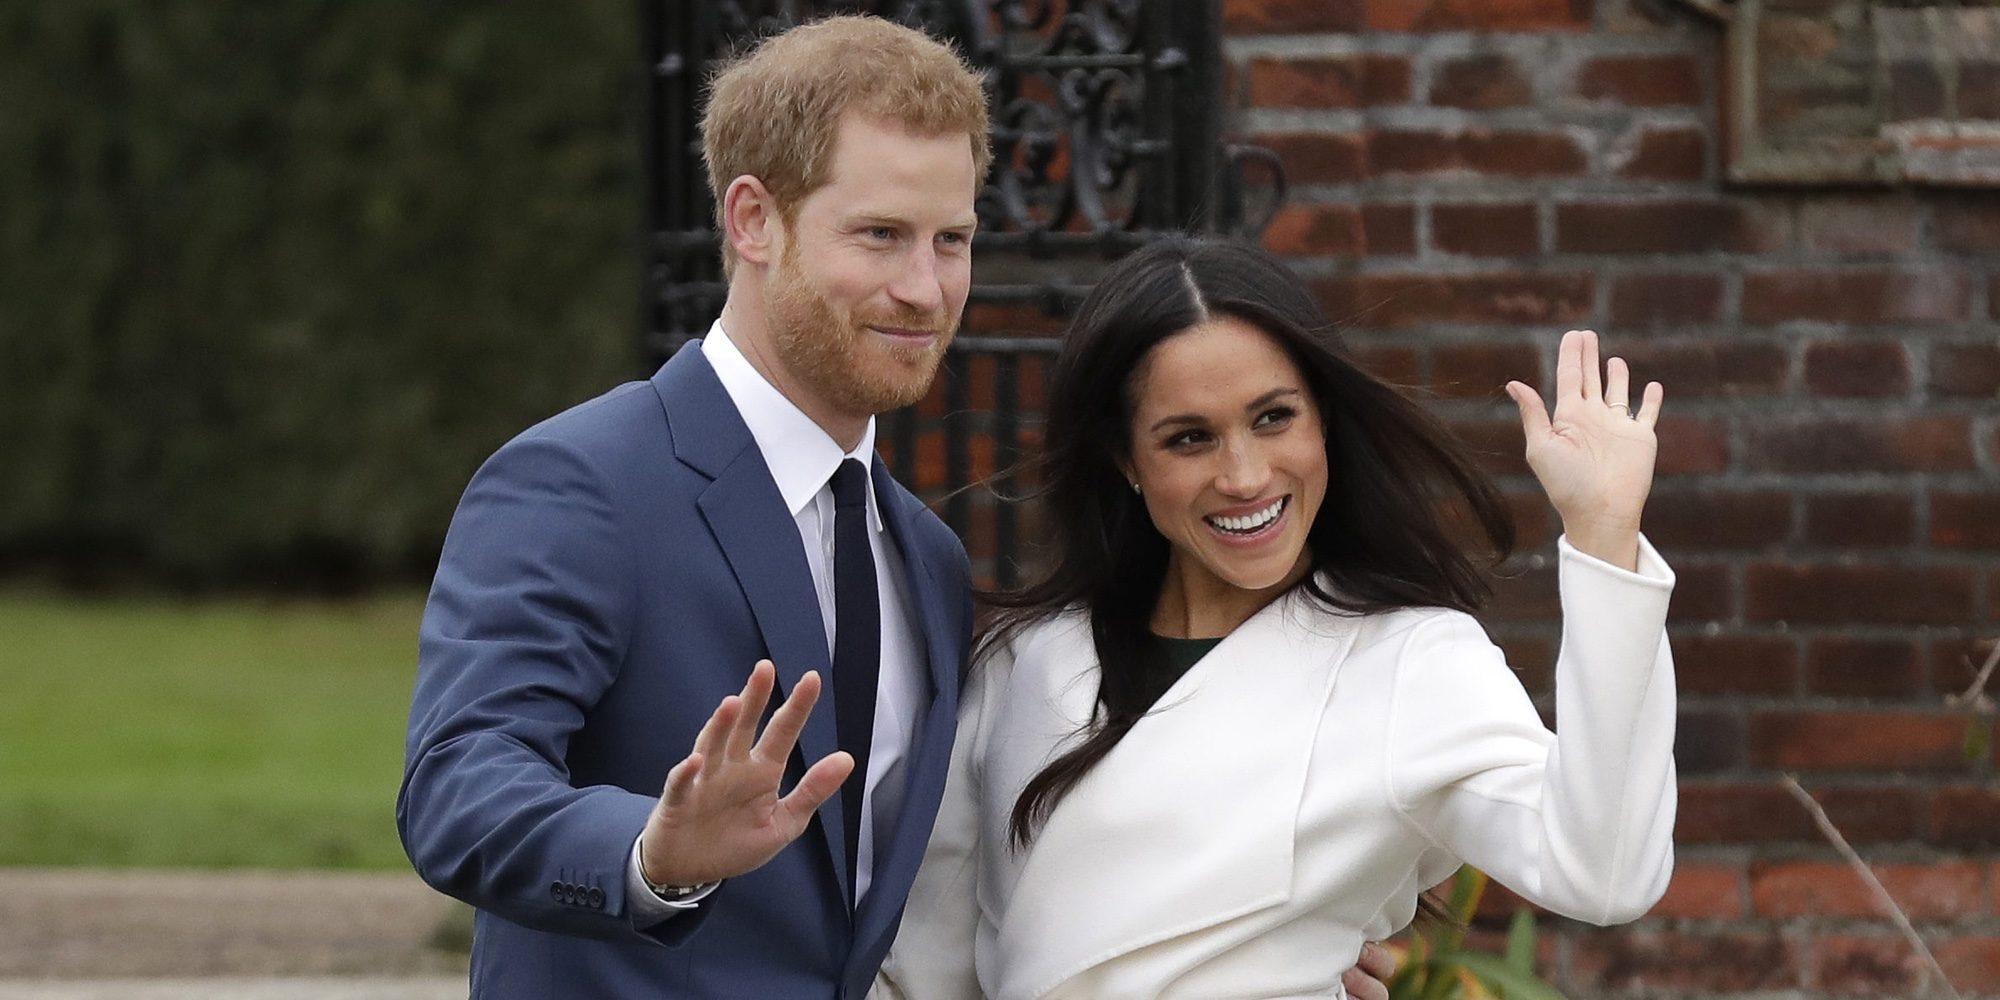 El Gobierno británico no quiere que el Príncipe Harry y Meghan Markle inviten a los Obama a su boda